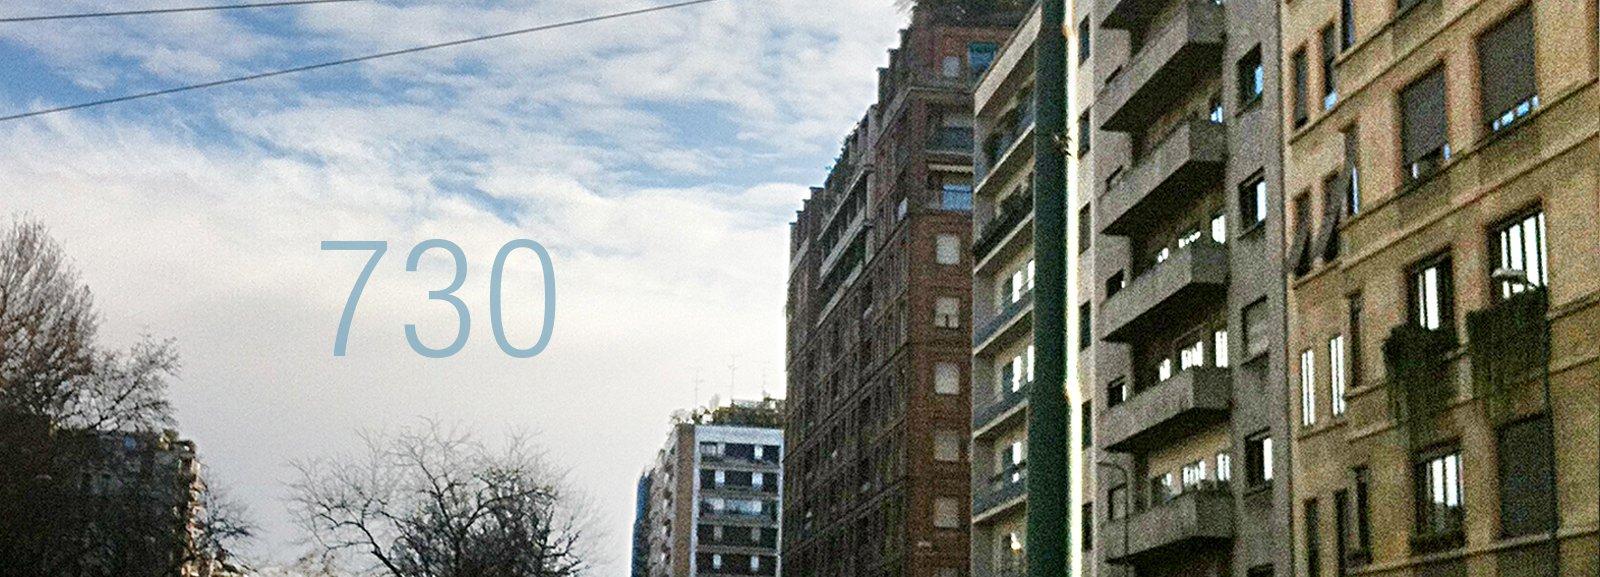 730 2014 detrazione ecobonus del 65 cose di casa - Detrazione 65 finestre ...